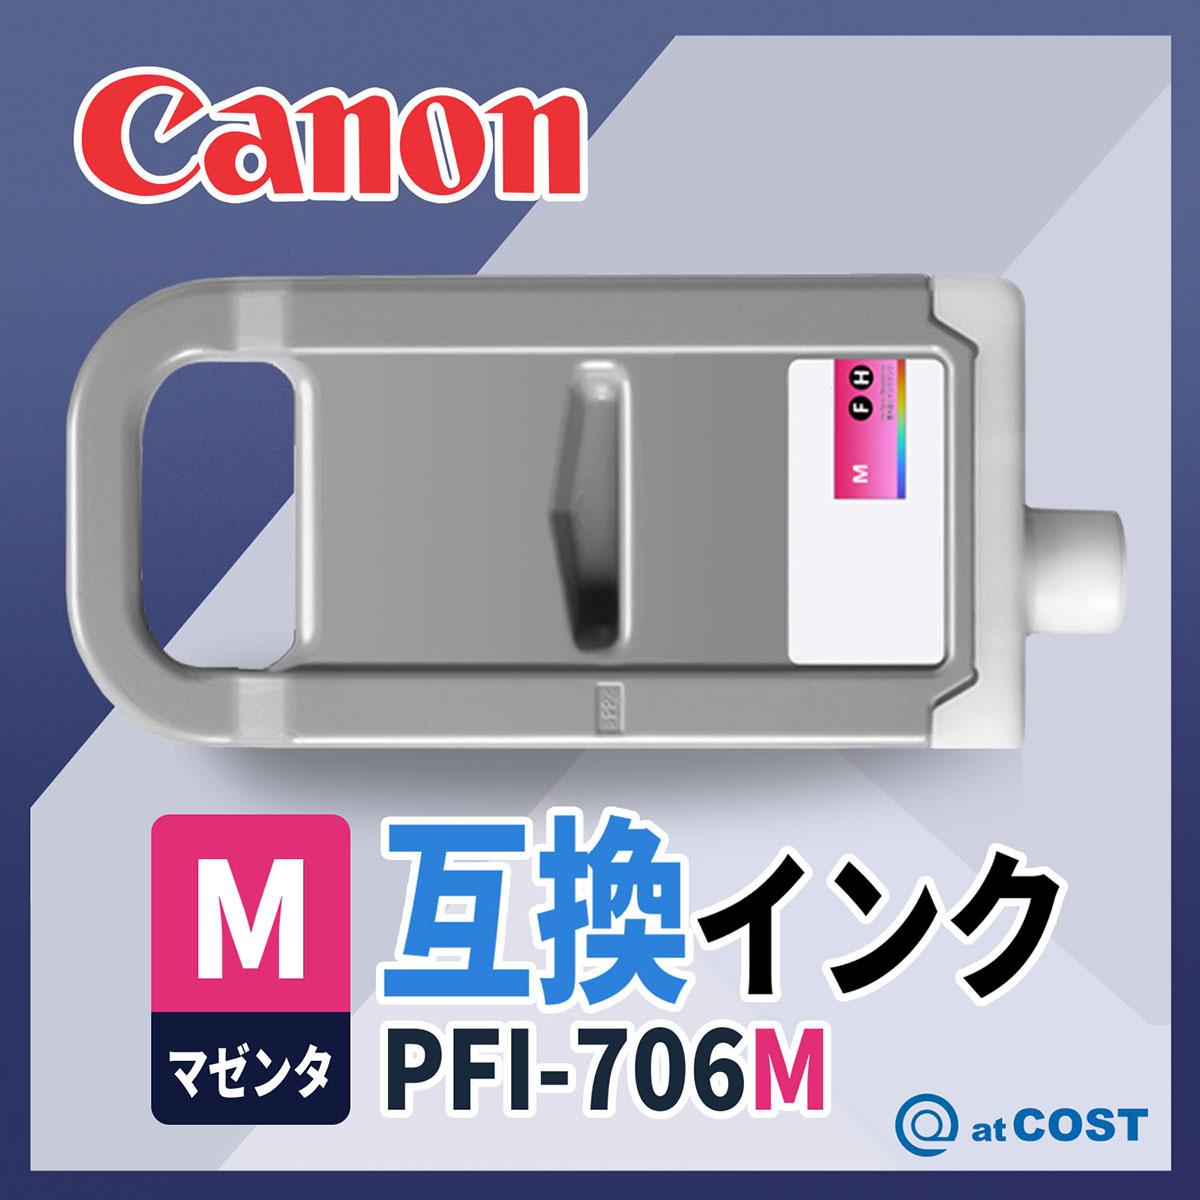 キャノン / CANON / PFI-706M / マゼンダ / 700ml / 互換インク / インクタンク / インクカートリッジ / 低価格